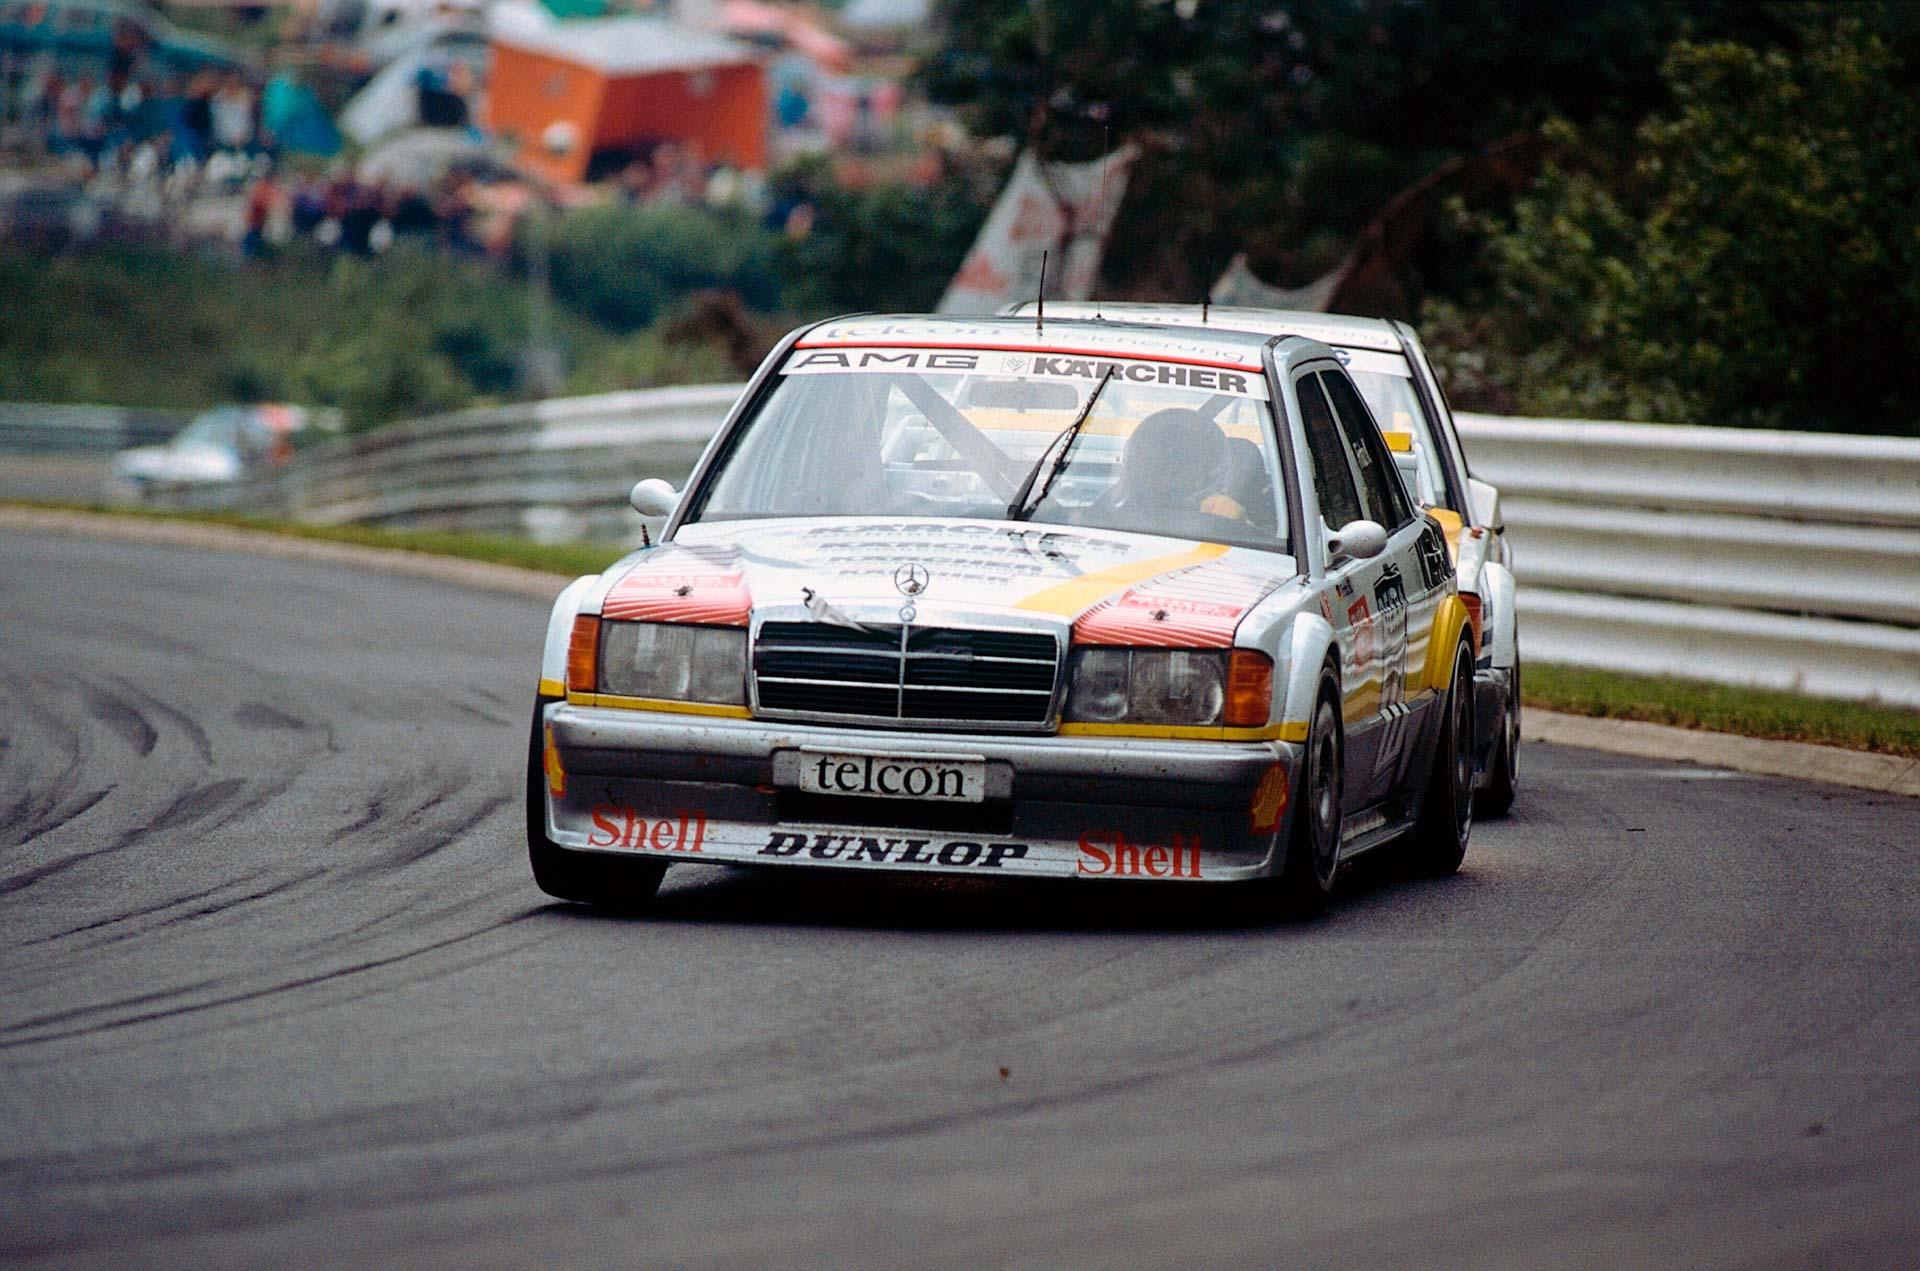 Der AMG Mercedes-Benz 190 E 2.5 Evolution II DTM-Renntourenwagen hat beim Internationalen ADAC 24-Stunden-Rennen auf dem Nürburgring am 16. Juni 1990 Premiere. Fritz Kreutzpointner (Startnummer 77) belegt mit EVO II den zweiten Platz im zweiten Lauf.